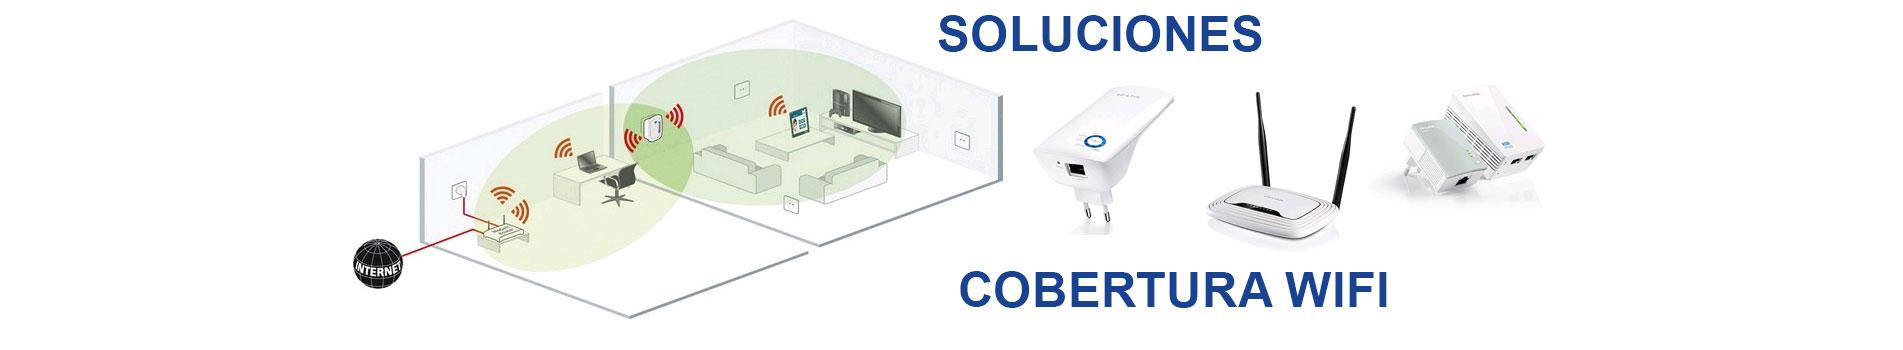 imagen-roller-cabecera-wifi